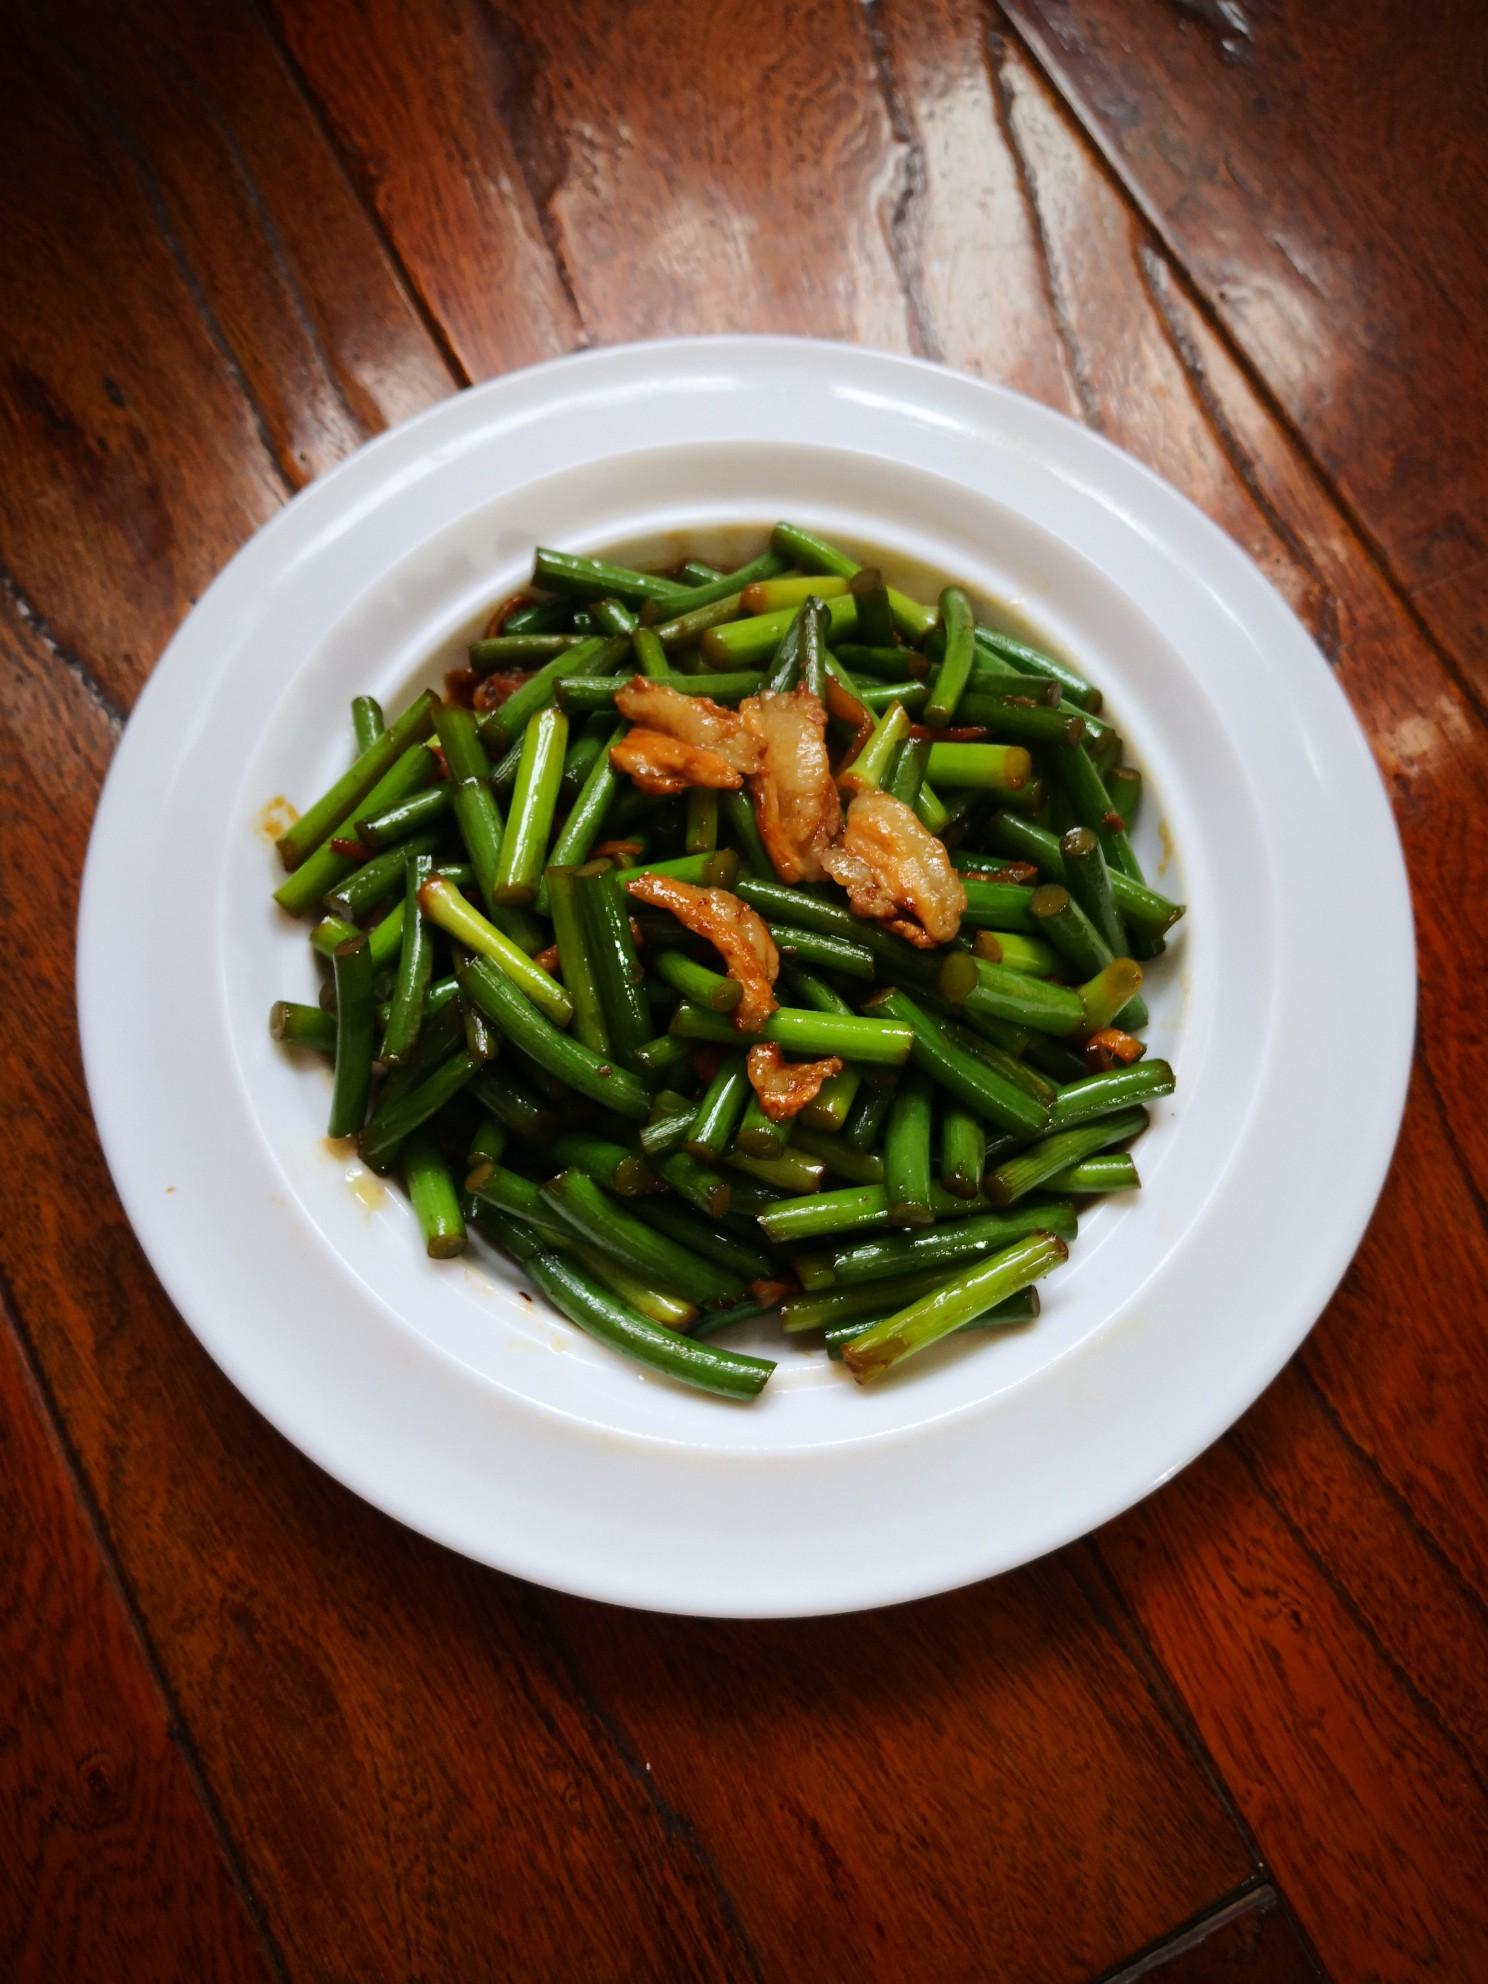 排骨肉炒蒜苔怎么煮